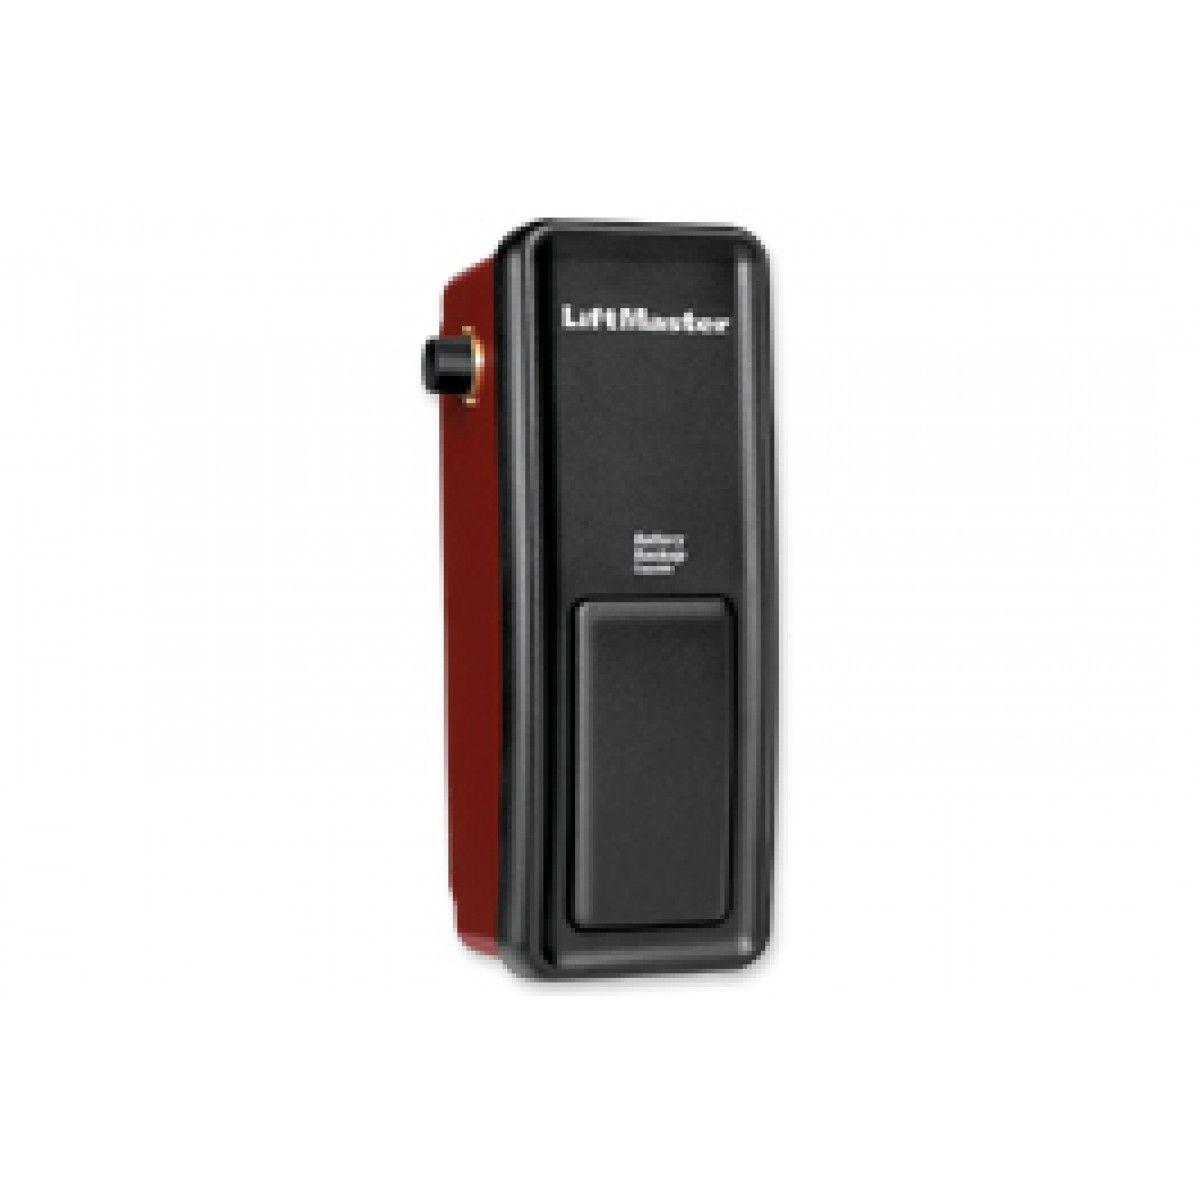 Liftmaster 8500 Elite Series Residential Wall Mount Garage Door